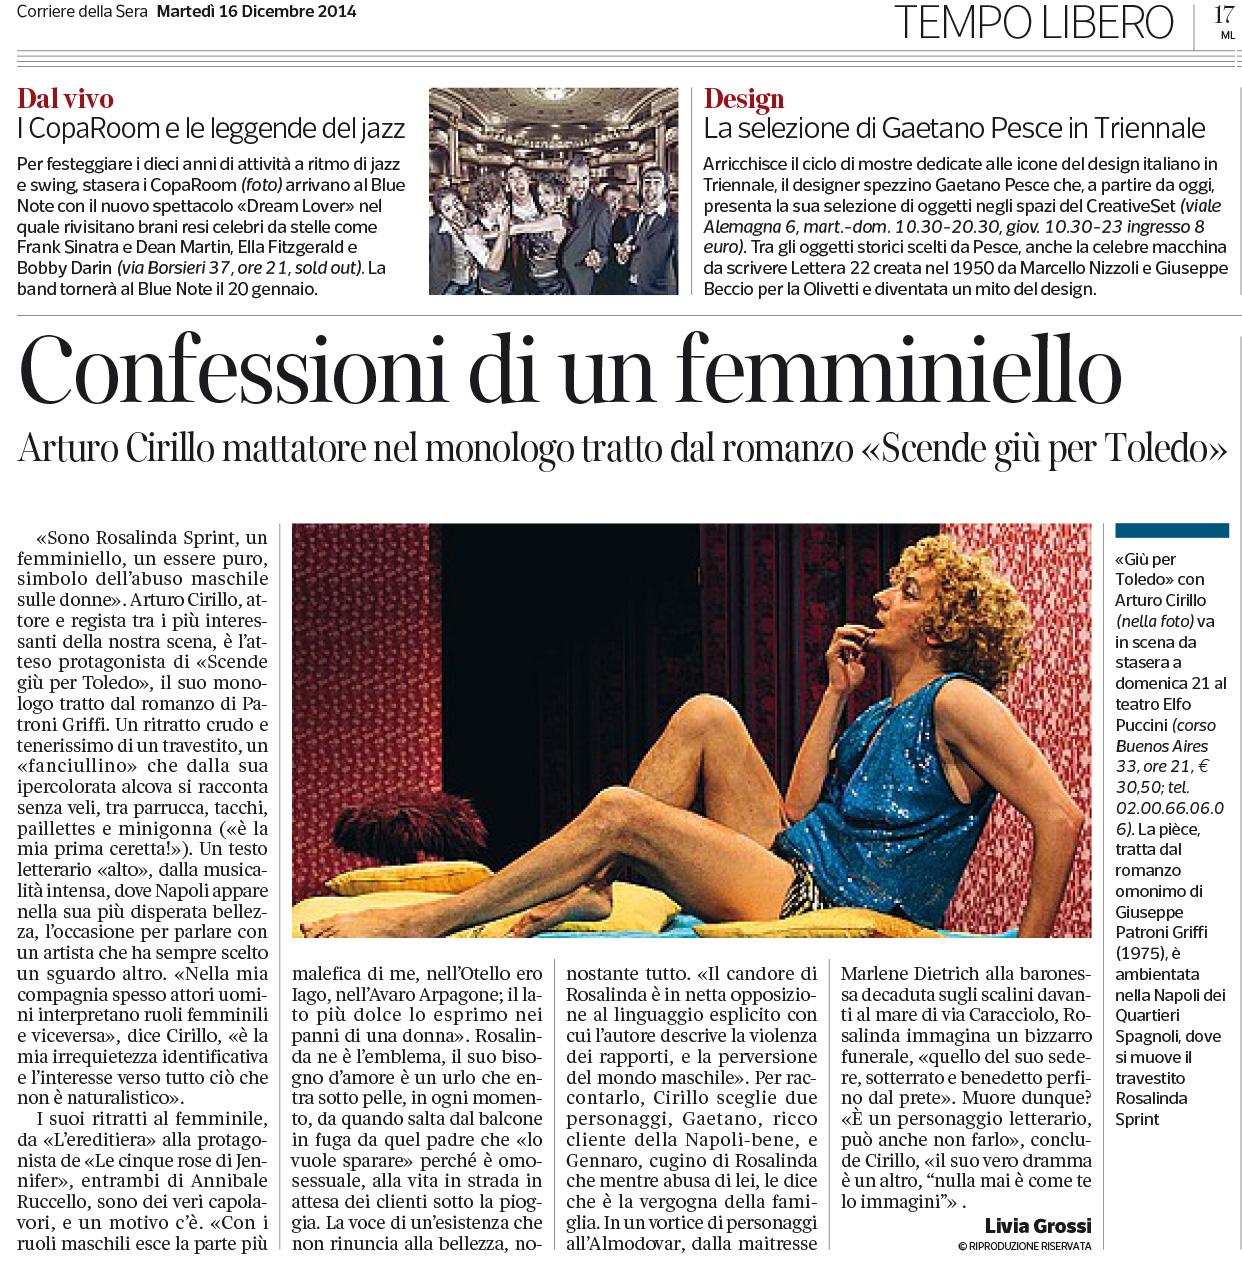 2014.12.17 Confessioni di un femminiello - Corriere della Sera